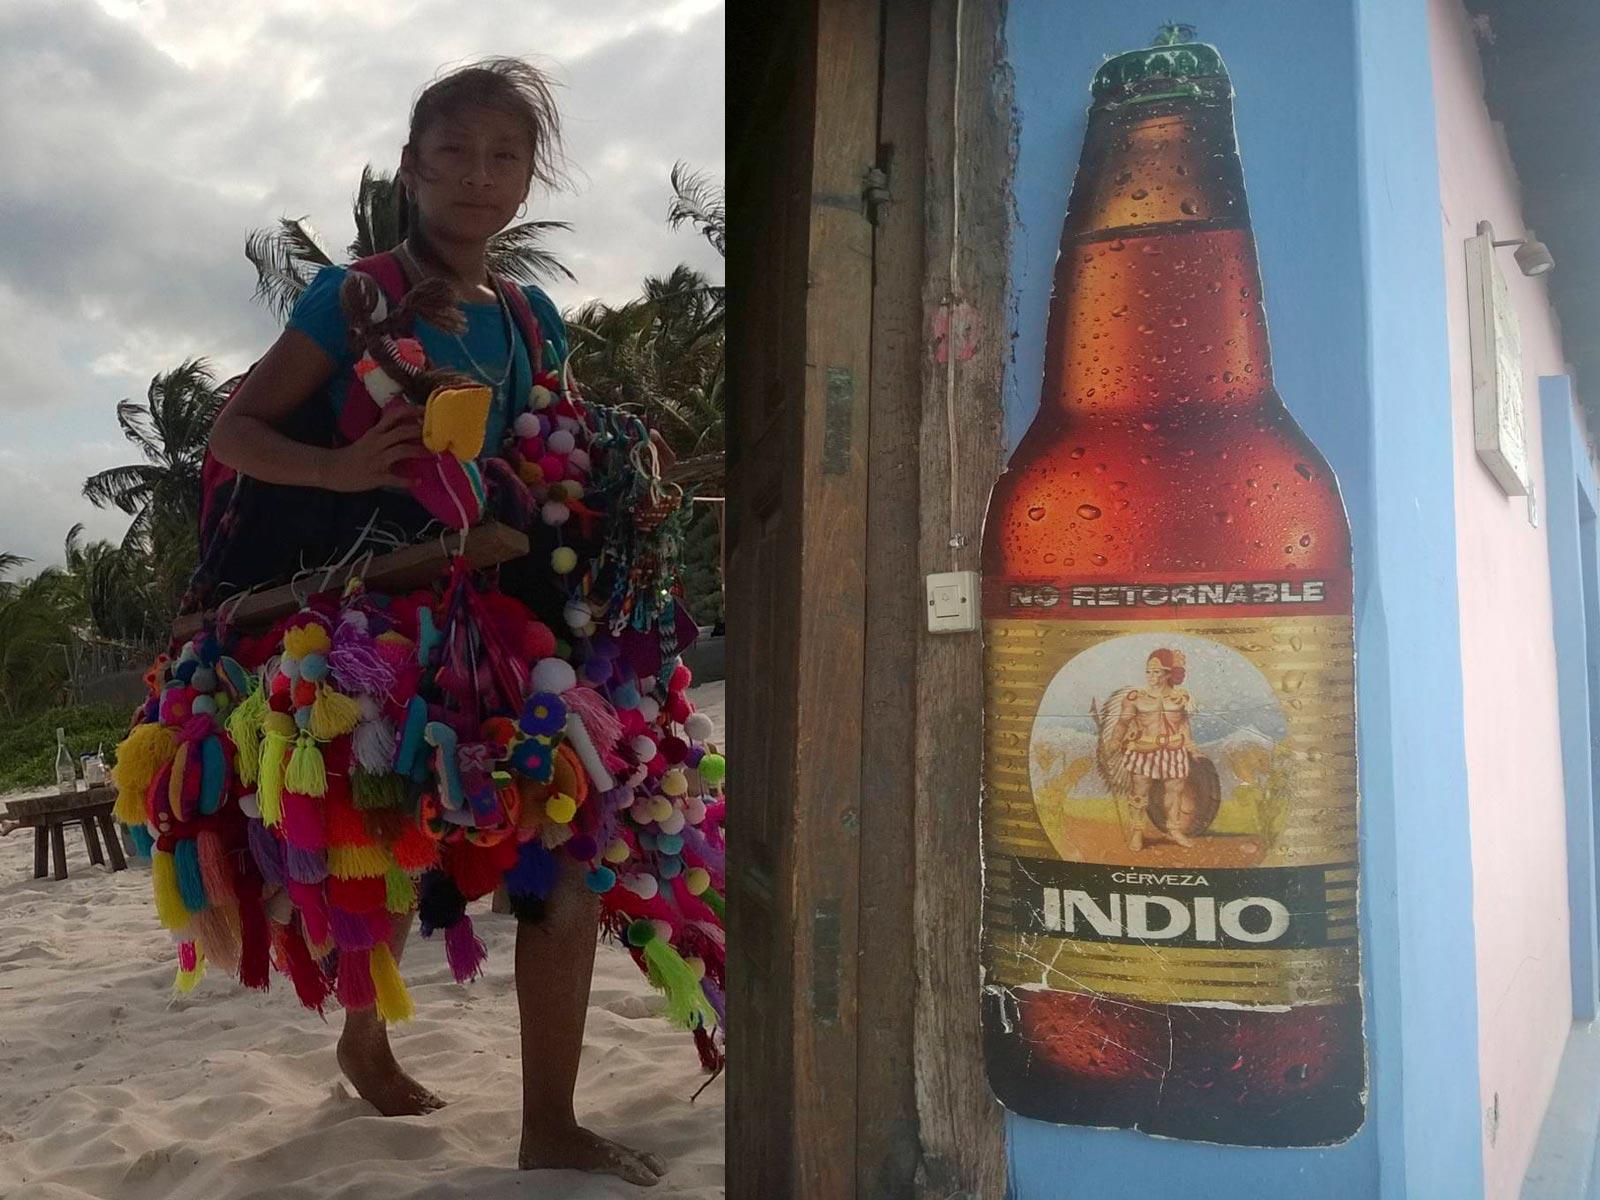 Messico-mexico-indio-nina-ragazza-messicana-tradizione-colours-cervezza-birra